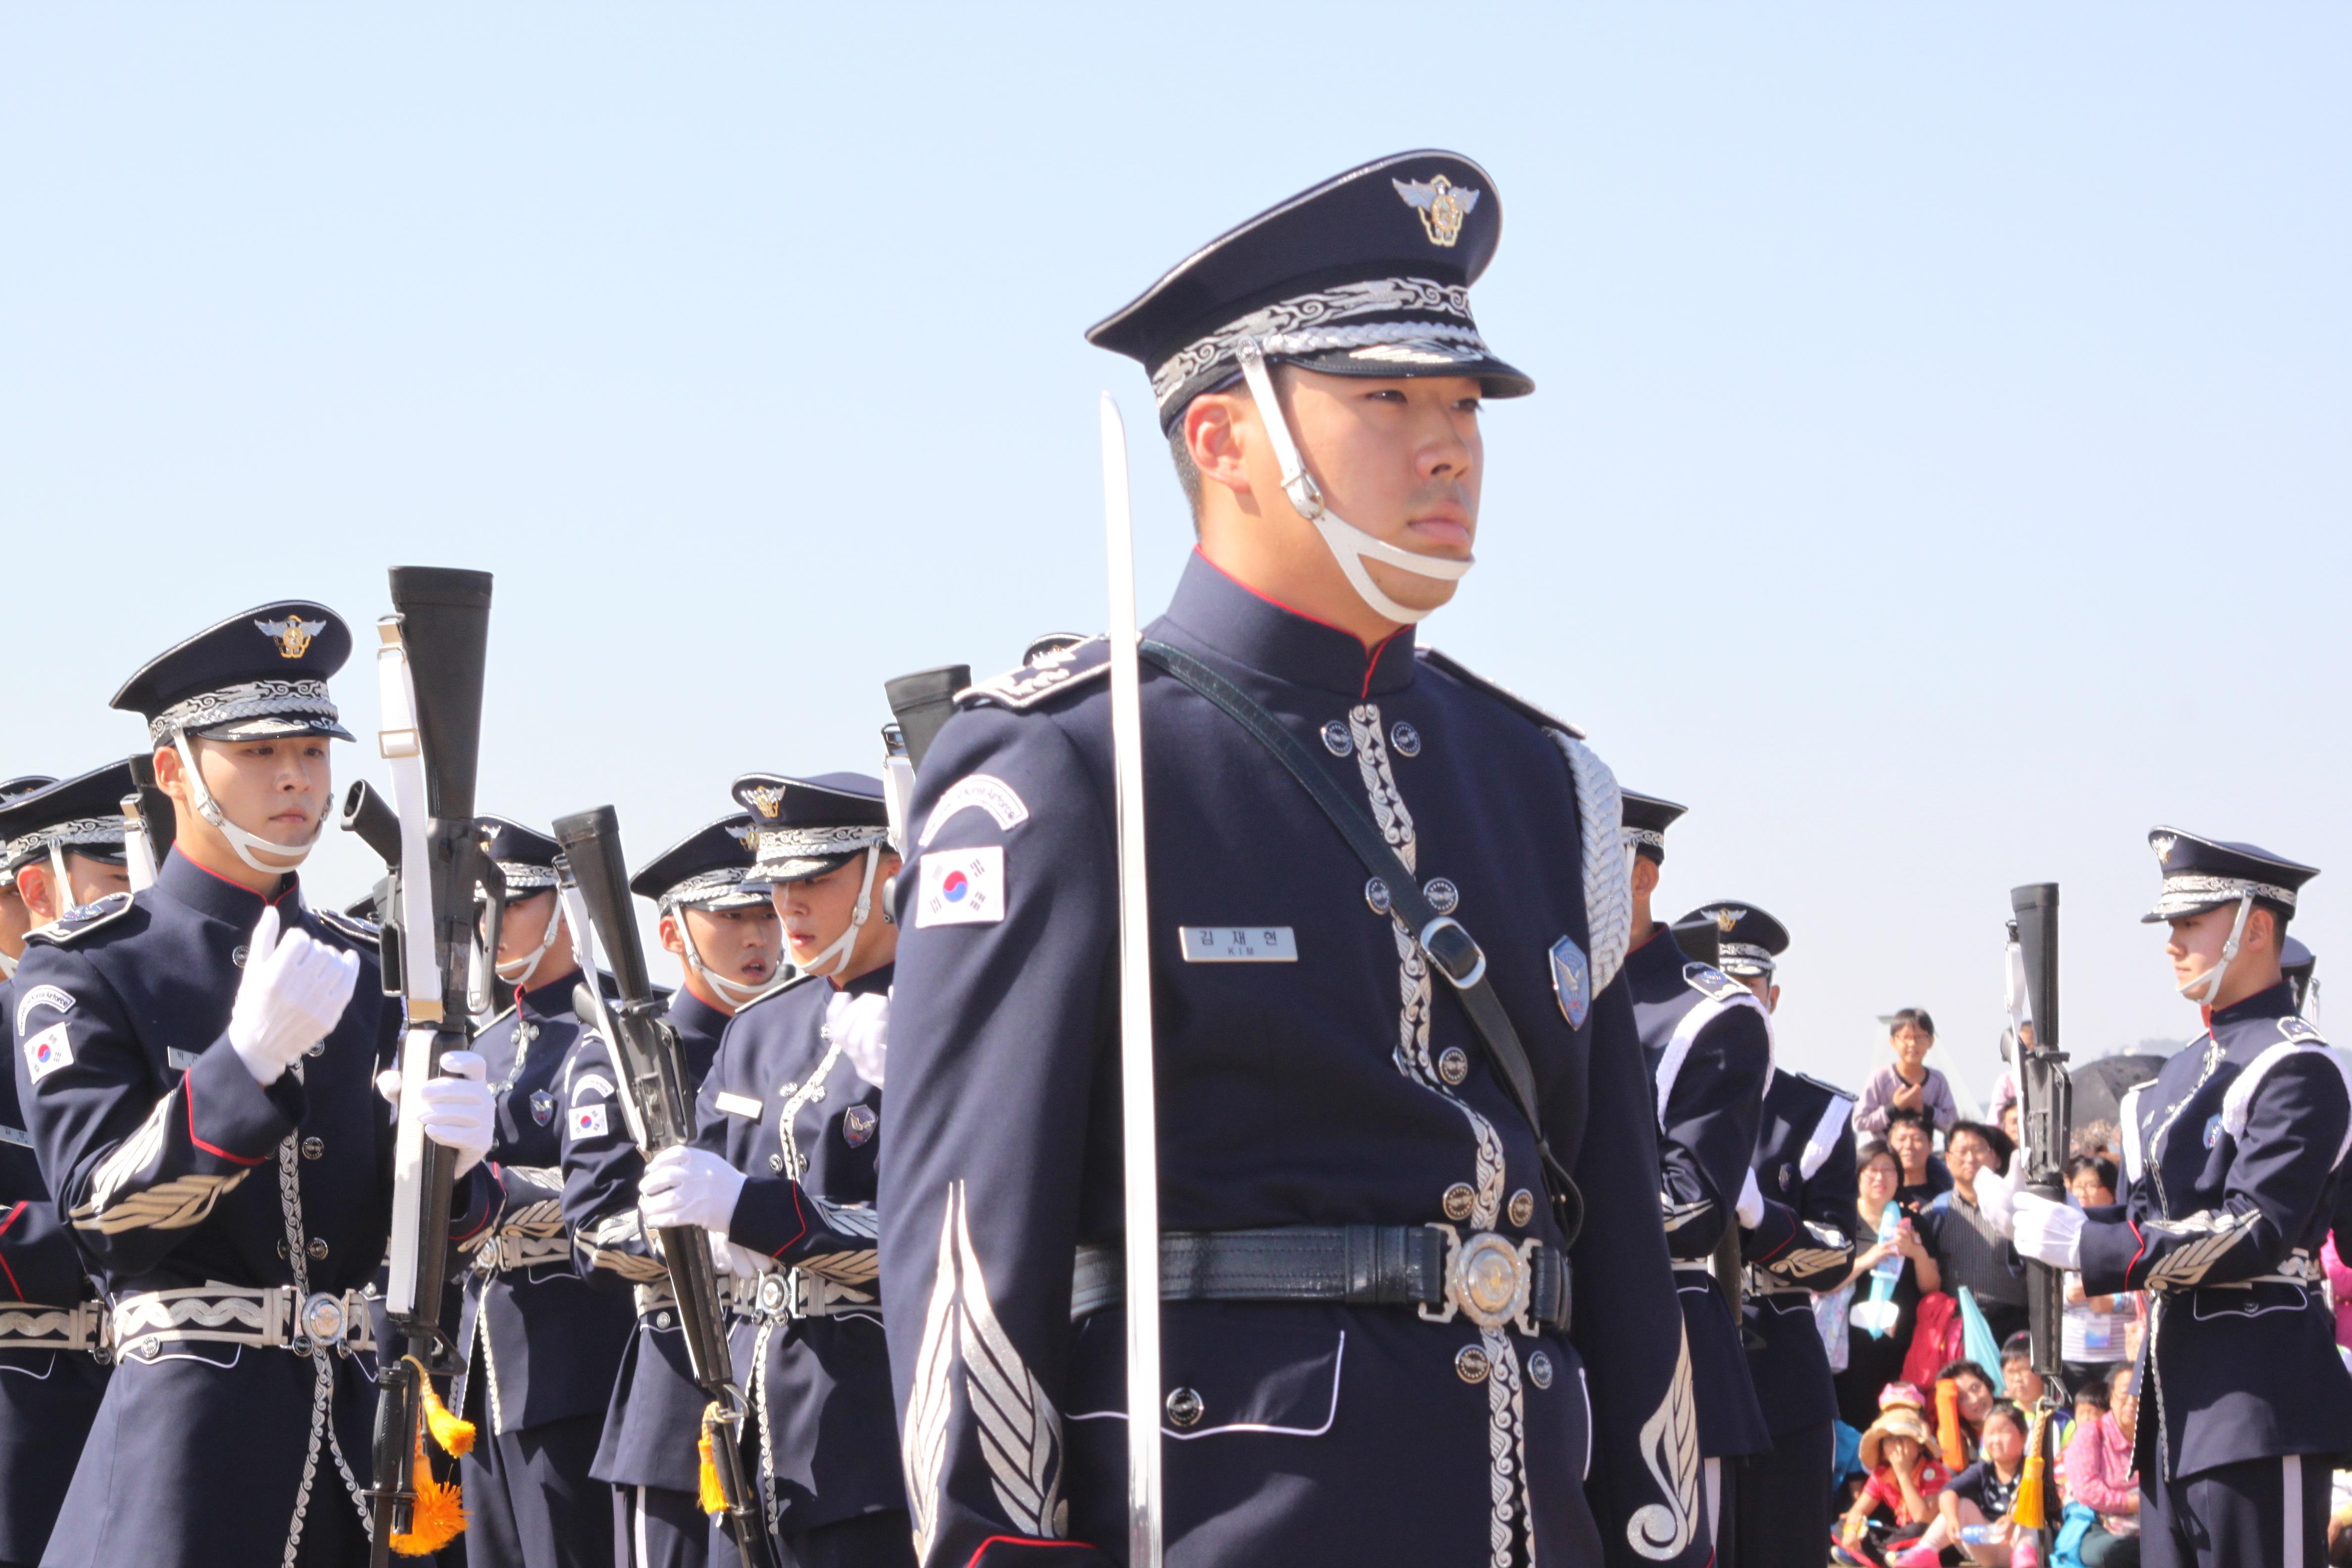 hình ảnh : người, quân đội, lính, chuyên nghiệp, đồng phục, Diễu hành, Hàn Quốc, không quân, Sĩ quan quân đội, Người quân đội, Chương trình súng 4752x3168